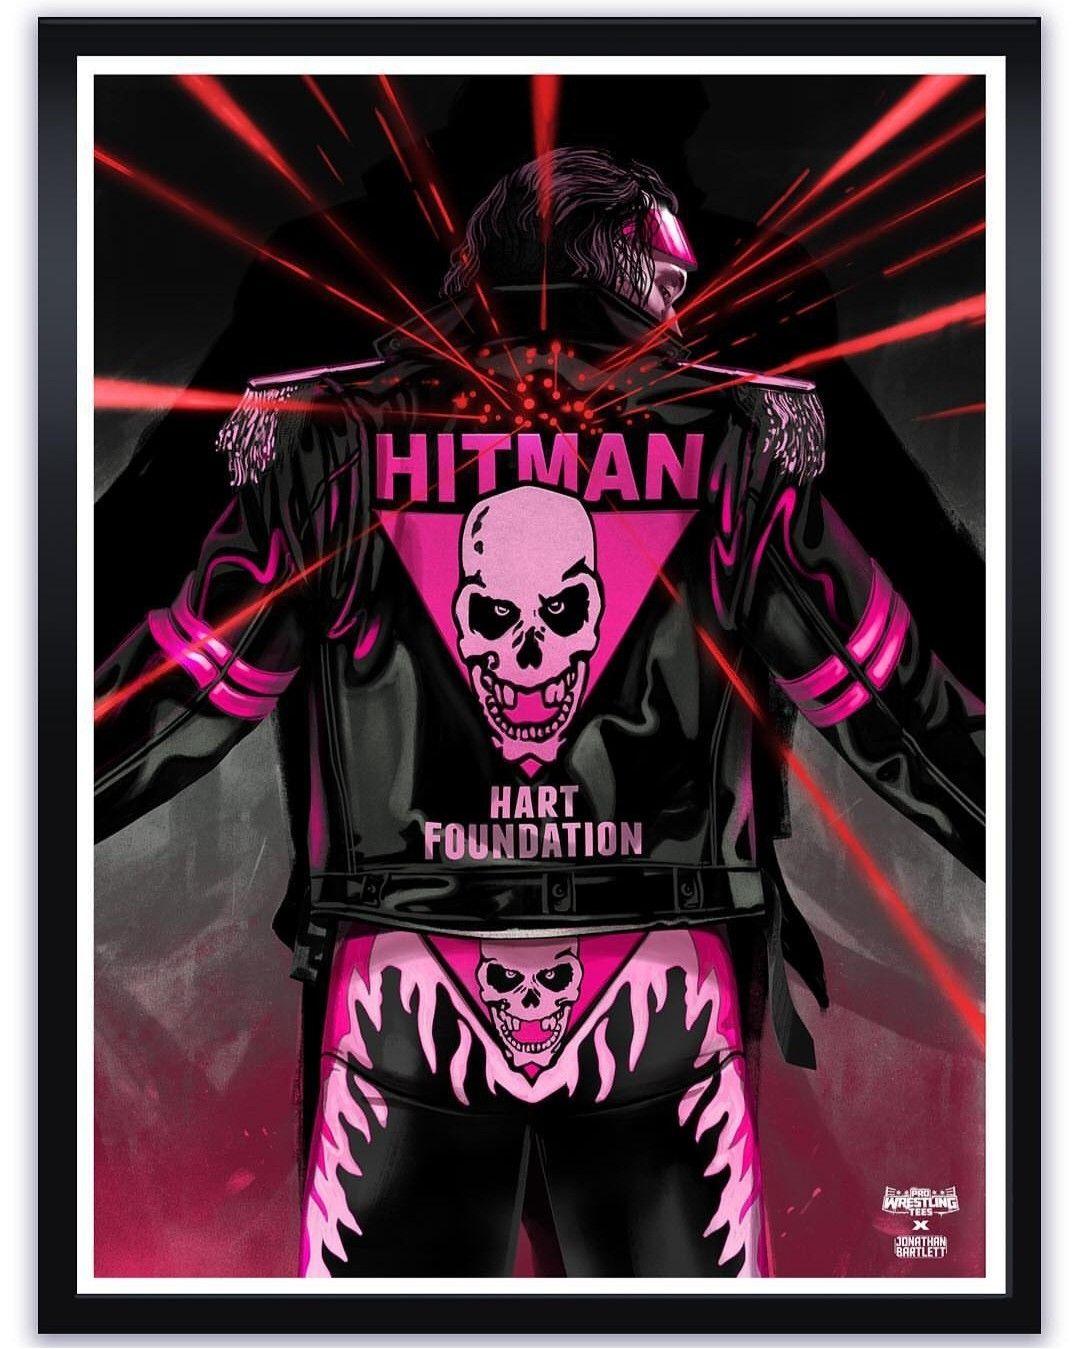 High-Quality Art Print of Wrestling Superstar Bret The Hitman Bret Hart Poster